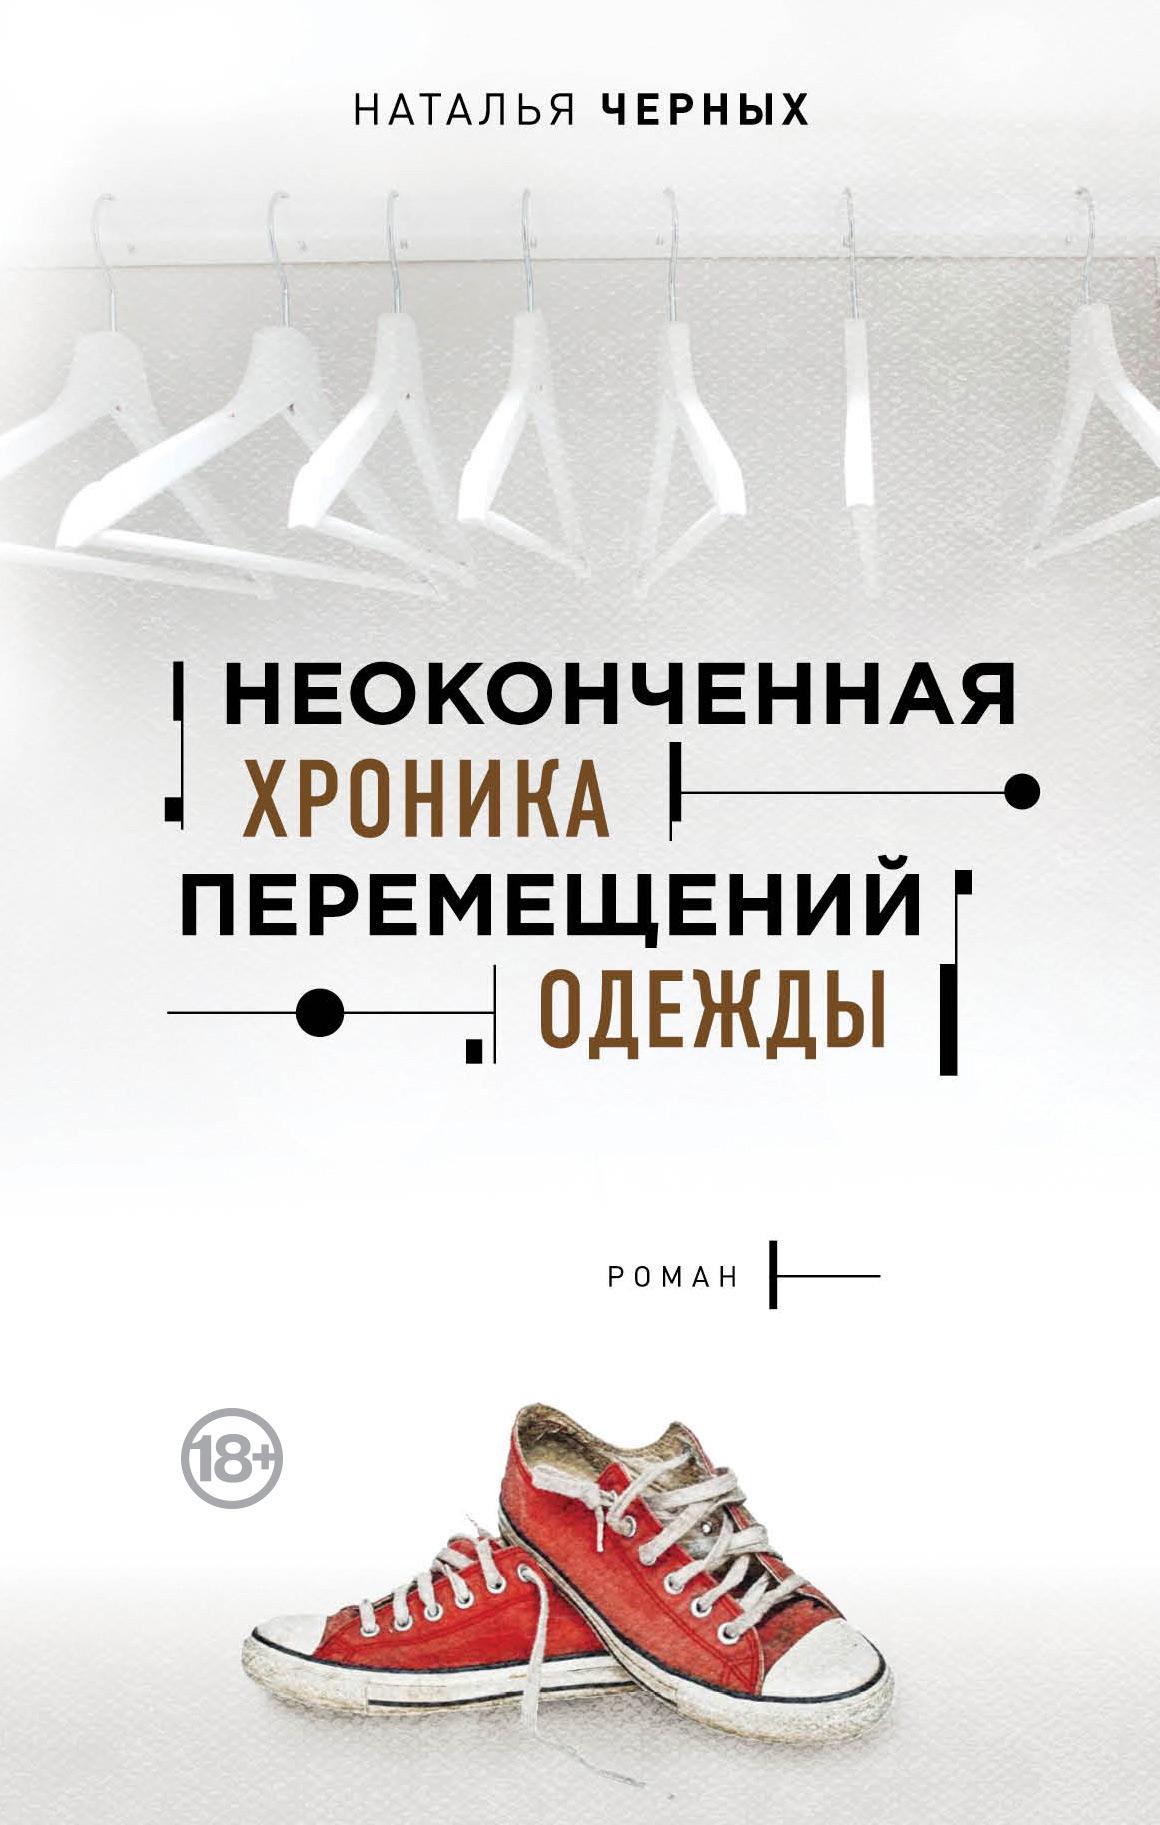 Неоконченная хроника перемещений одежды_Наталия Черных